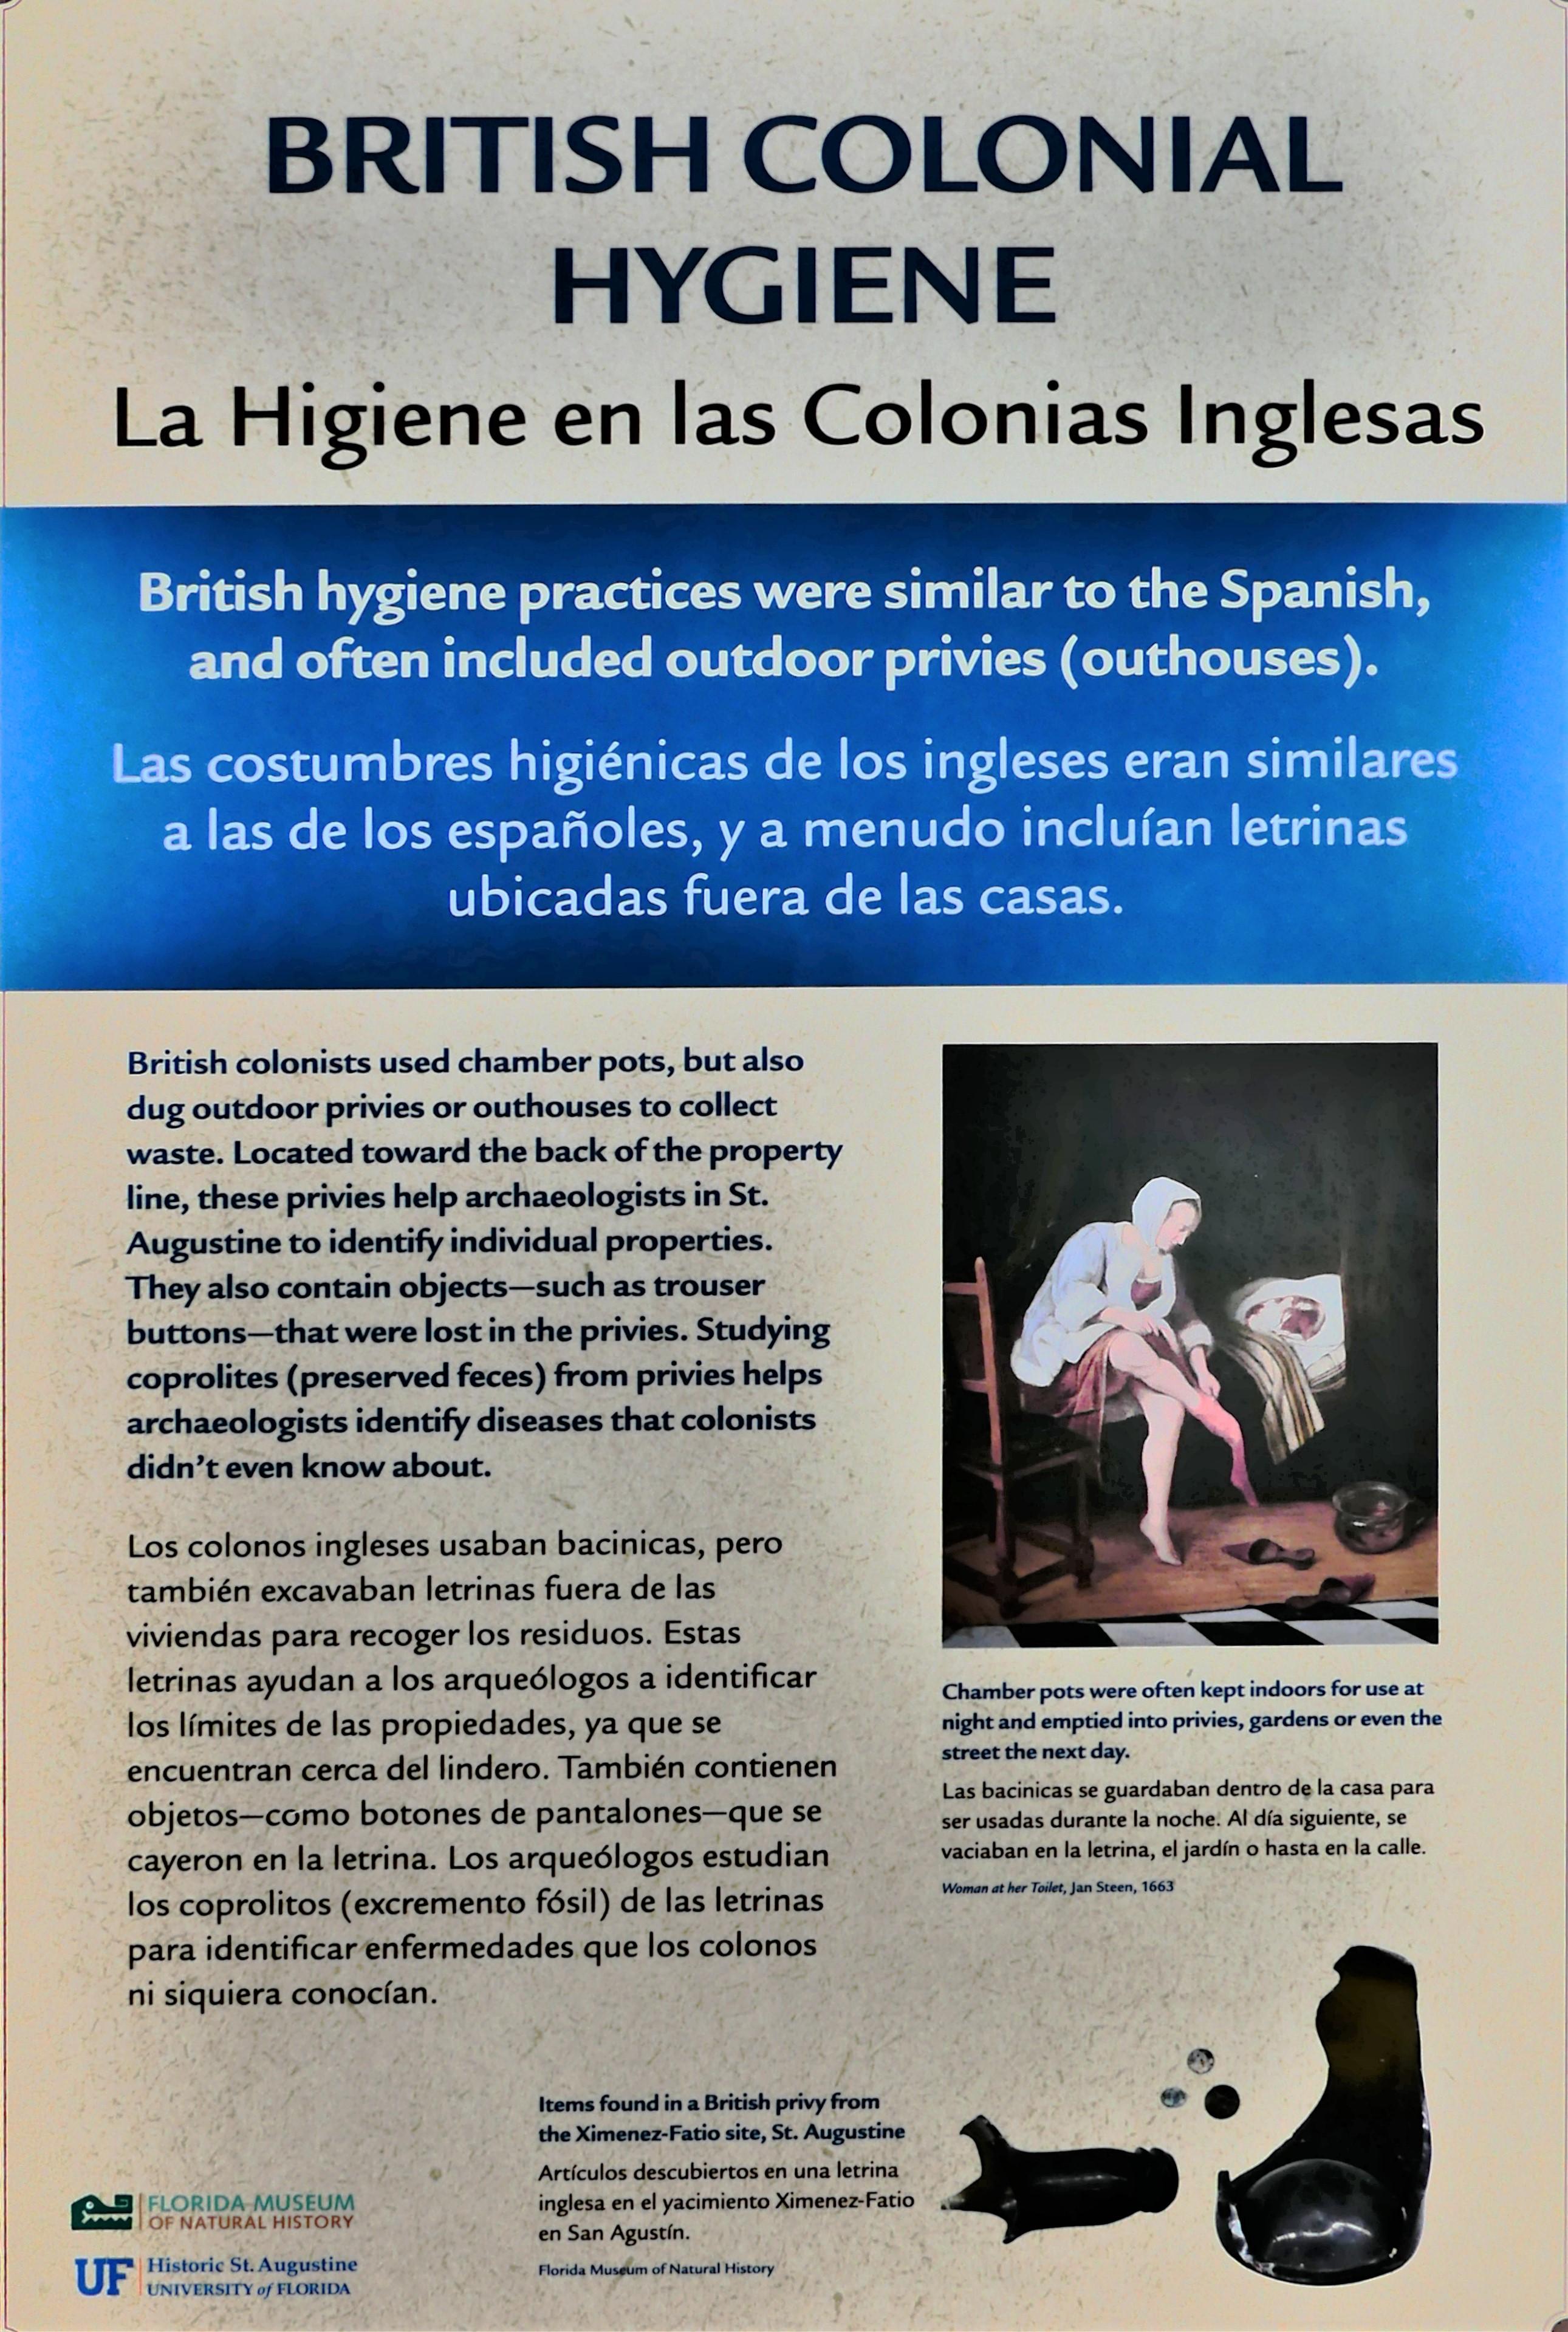 British Colonial Hygiene